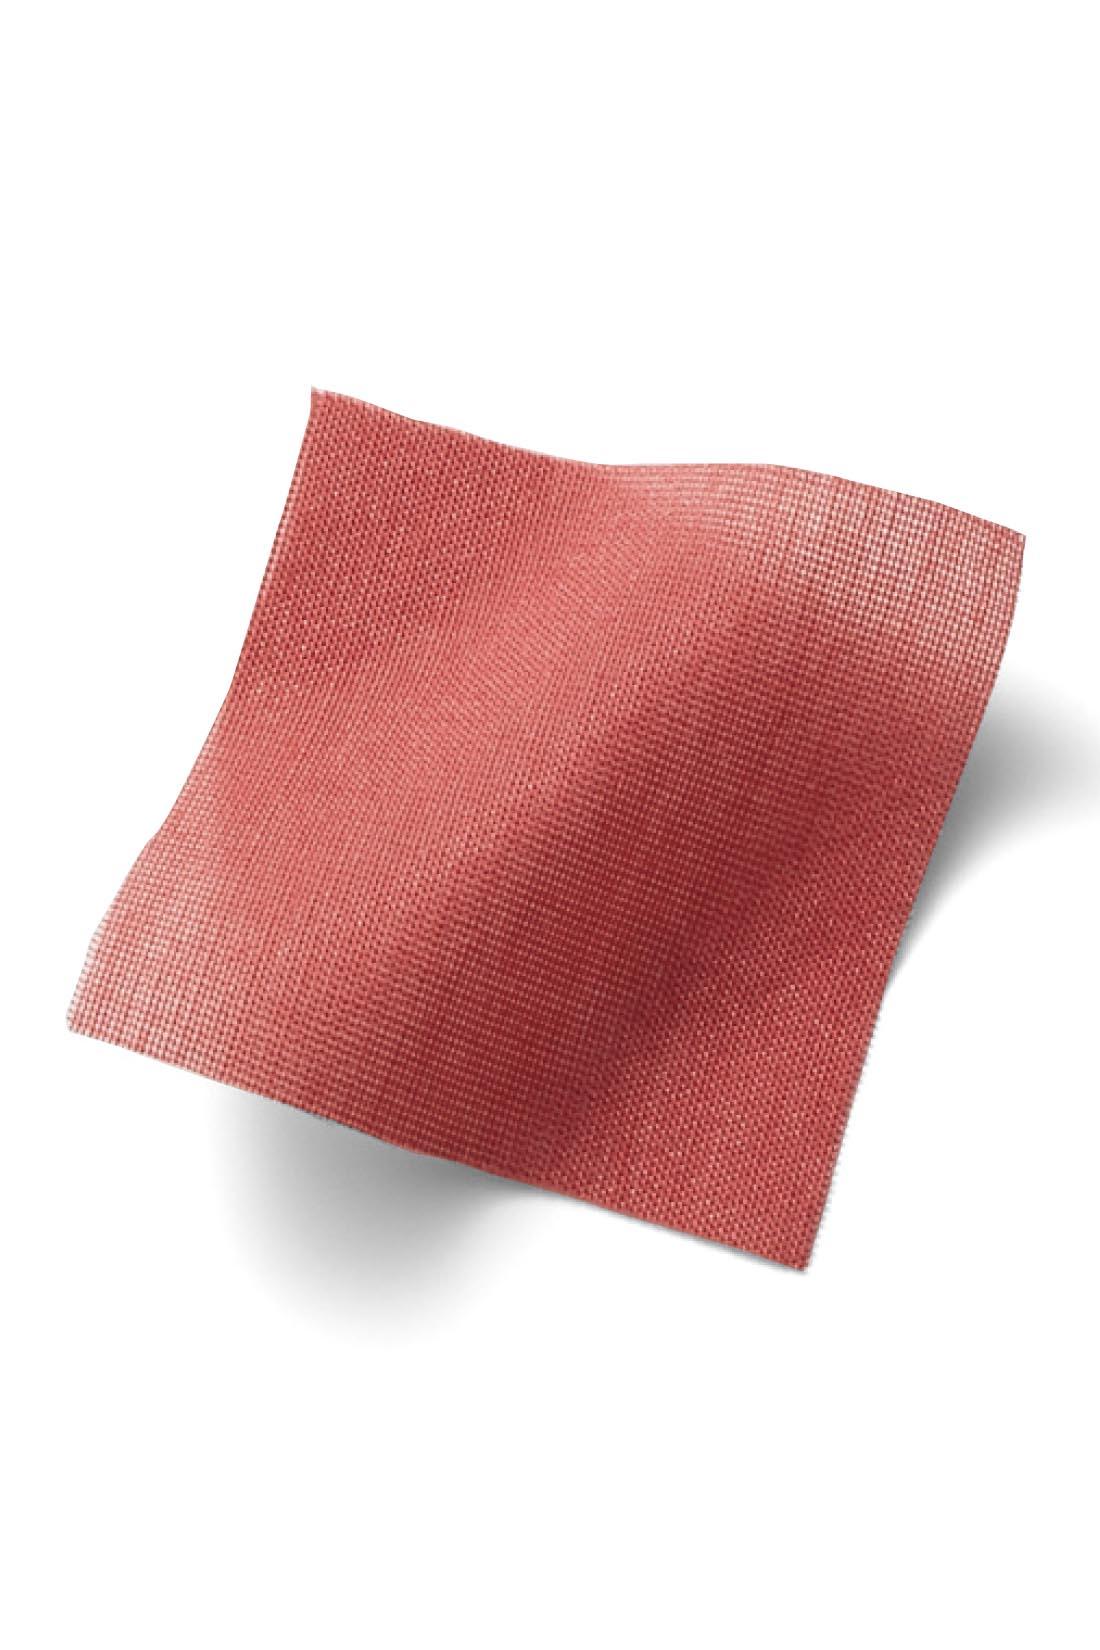 【コットンシルク】 シルク混の上質な光沢感が大人カジュアルを底上げ。